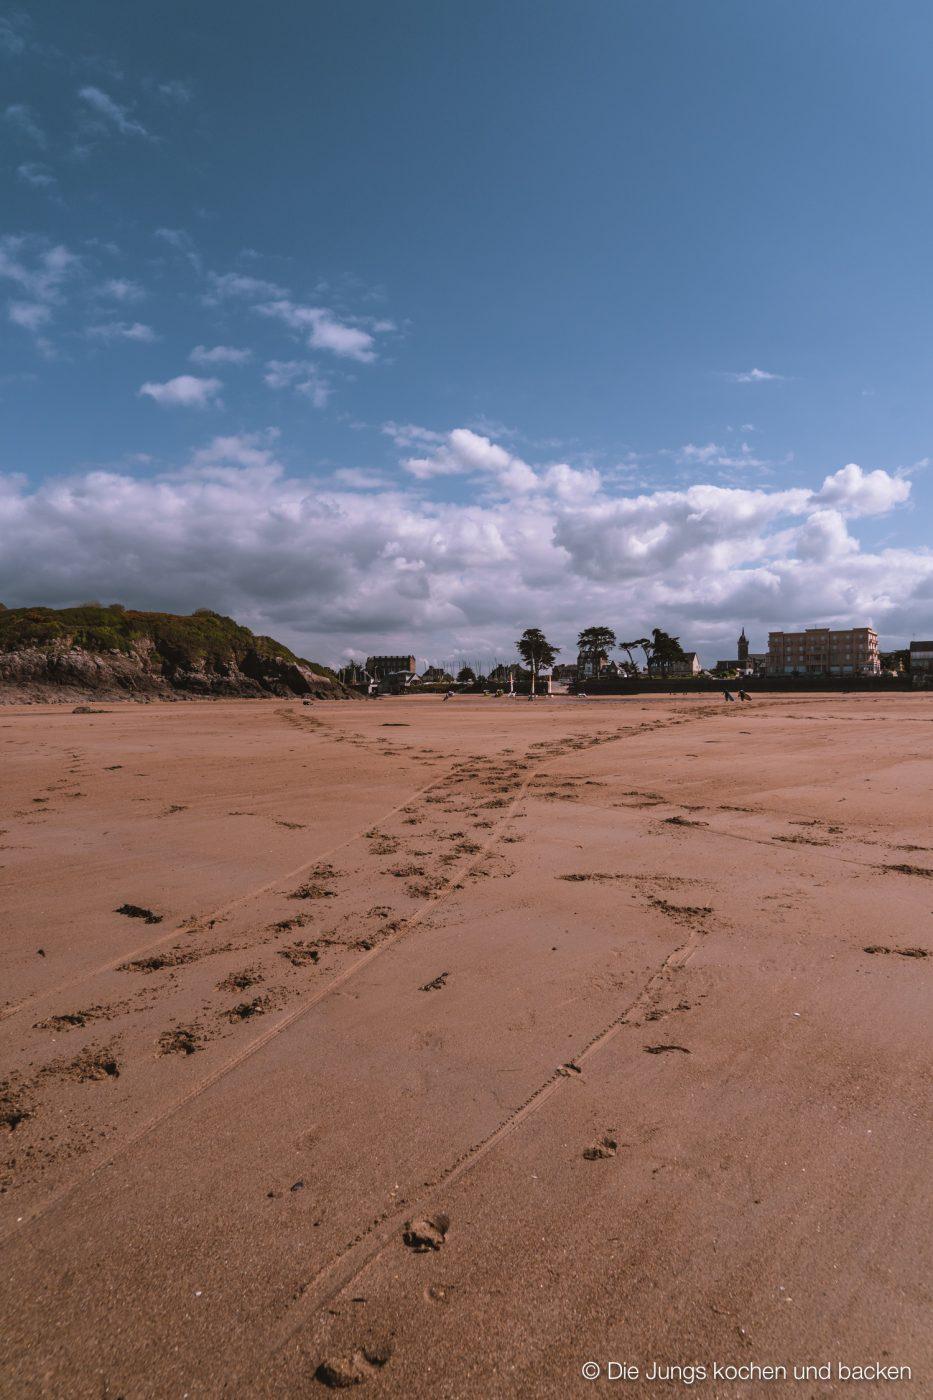 Wohnmobil Etrusco Bretagne 93 | Heute haben wir einen besonderen Reisebericht für euch, denn wir hatten eine absolute Premiere - Reisen mit einem Wohnmobil! 5 Tage lang waren wir unterwegs und unser Ziel war die wunderschöne Smaragdküste in der Bretagne. Hier haben wir es uns kulinarisch richtig gut gehen lassen, tolle Eindrücke gesammelt und vor allem unser schickes Gefährt  von Etrusco ausgiebig testen können. So viel sei verraten ... wir sind extrem angetan von einem Urlaub mit dem Wohnmobil und planen schon die nächste Wohnmobil-Tour.